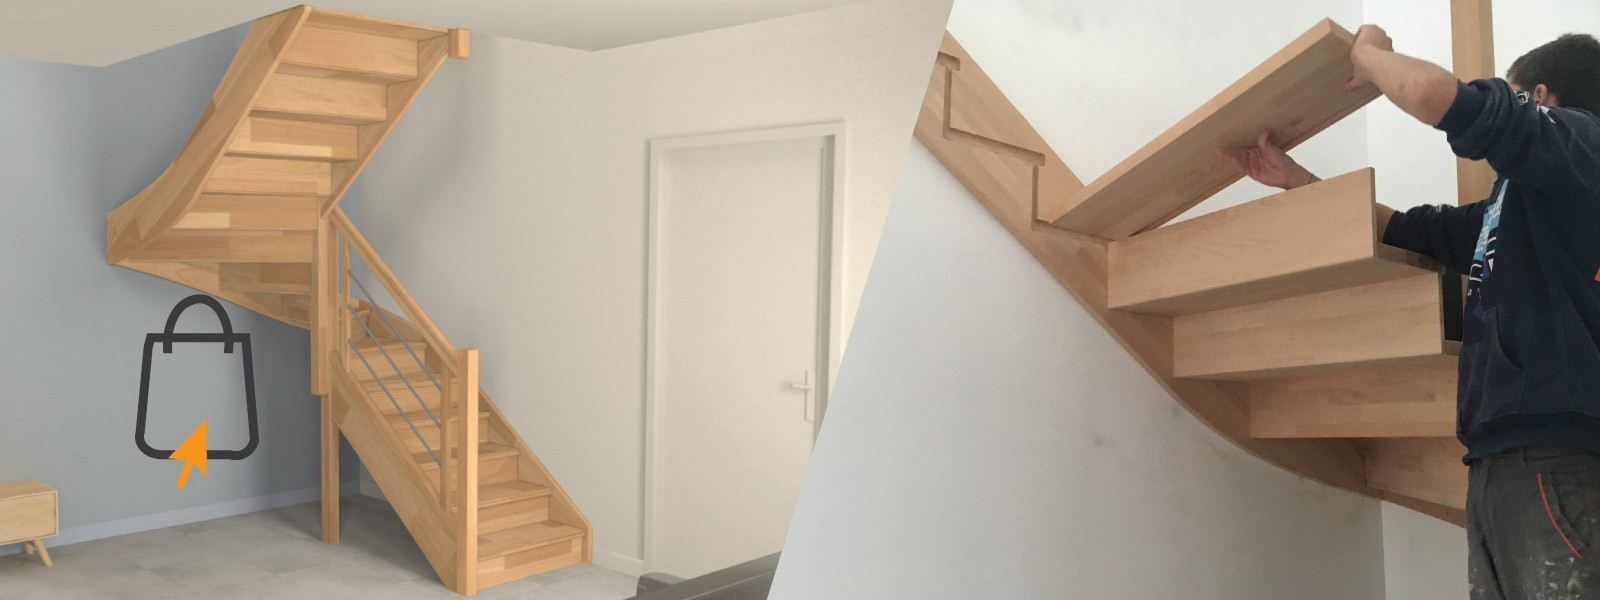 Oéba fabricant d'escaliers sur mesure en kit à installer vous même livré dans toute la Belgique